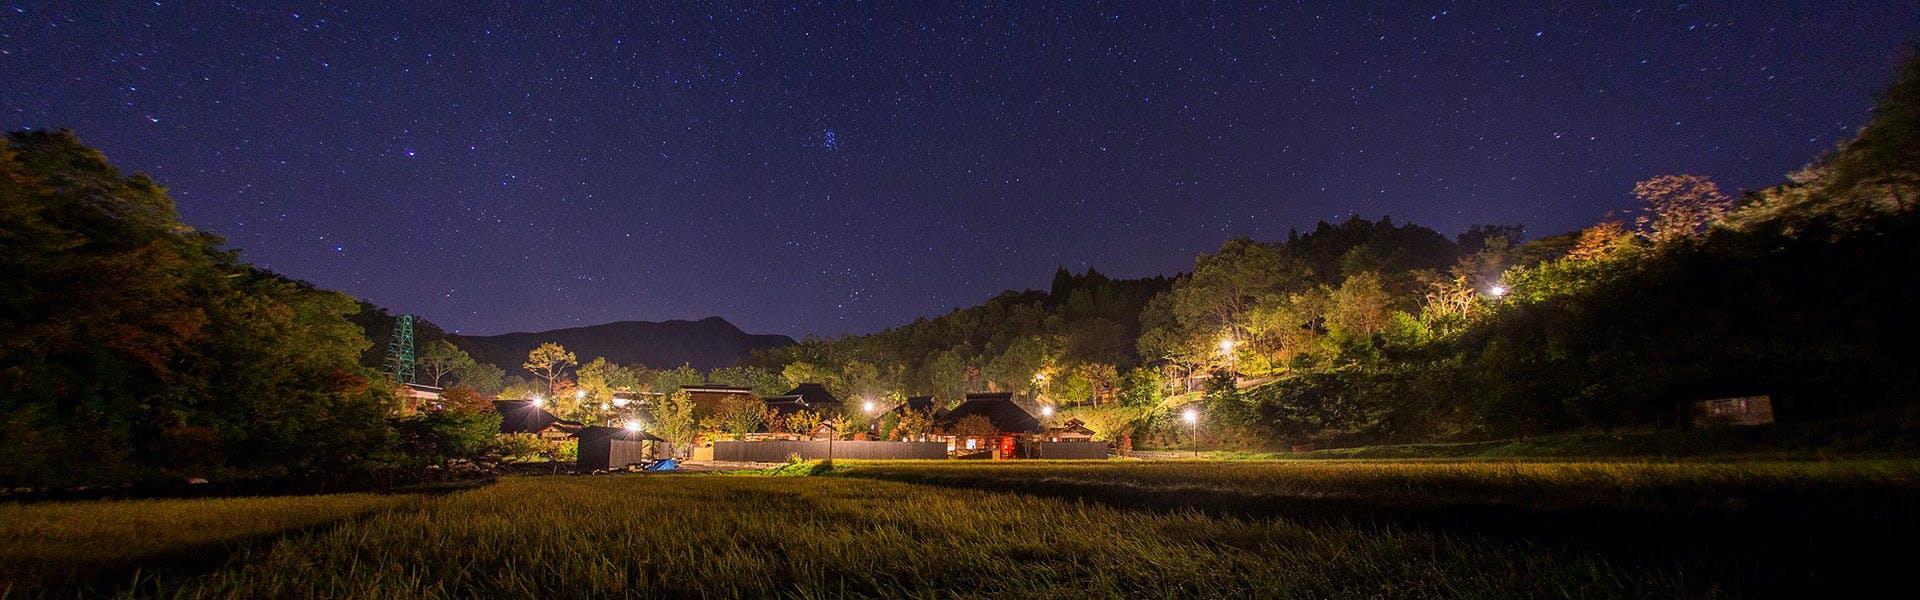 記念日におすすめのホテル・山みず木別邸 深山山荘の写真1